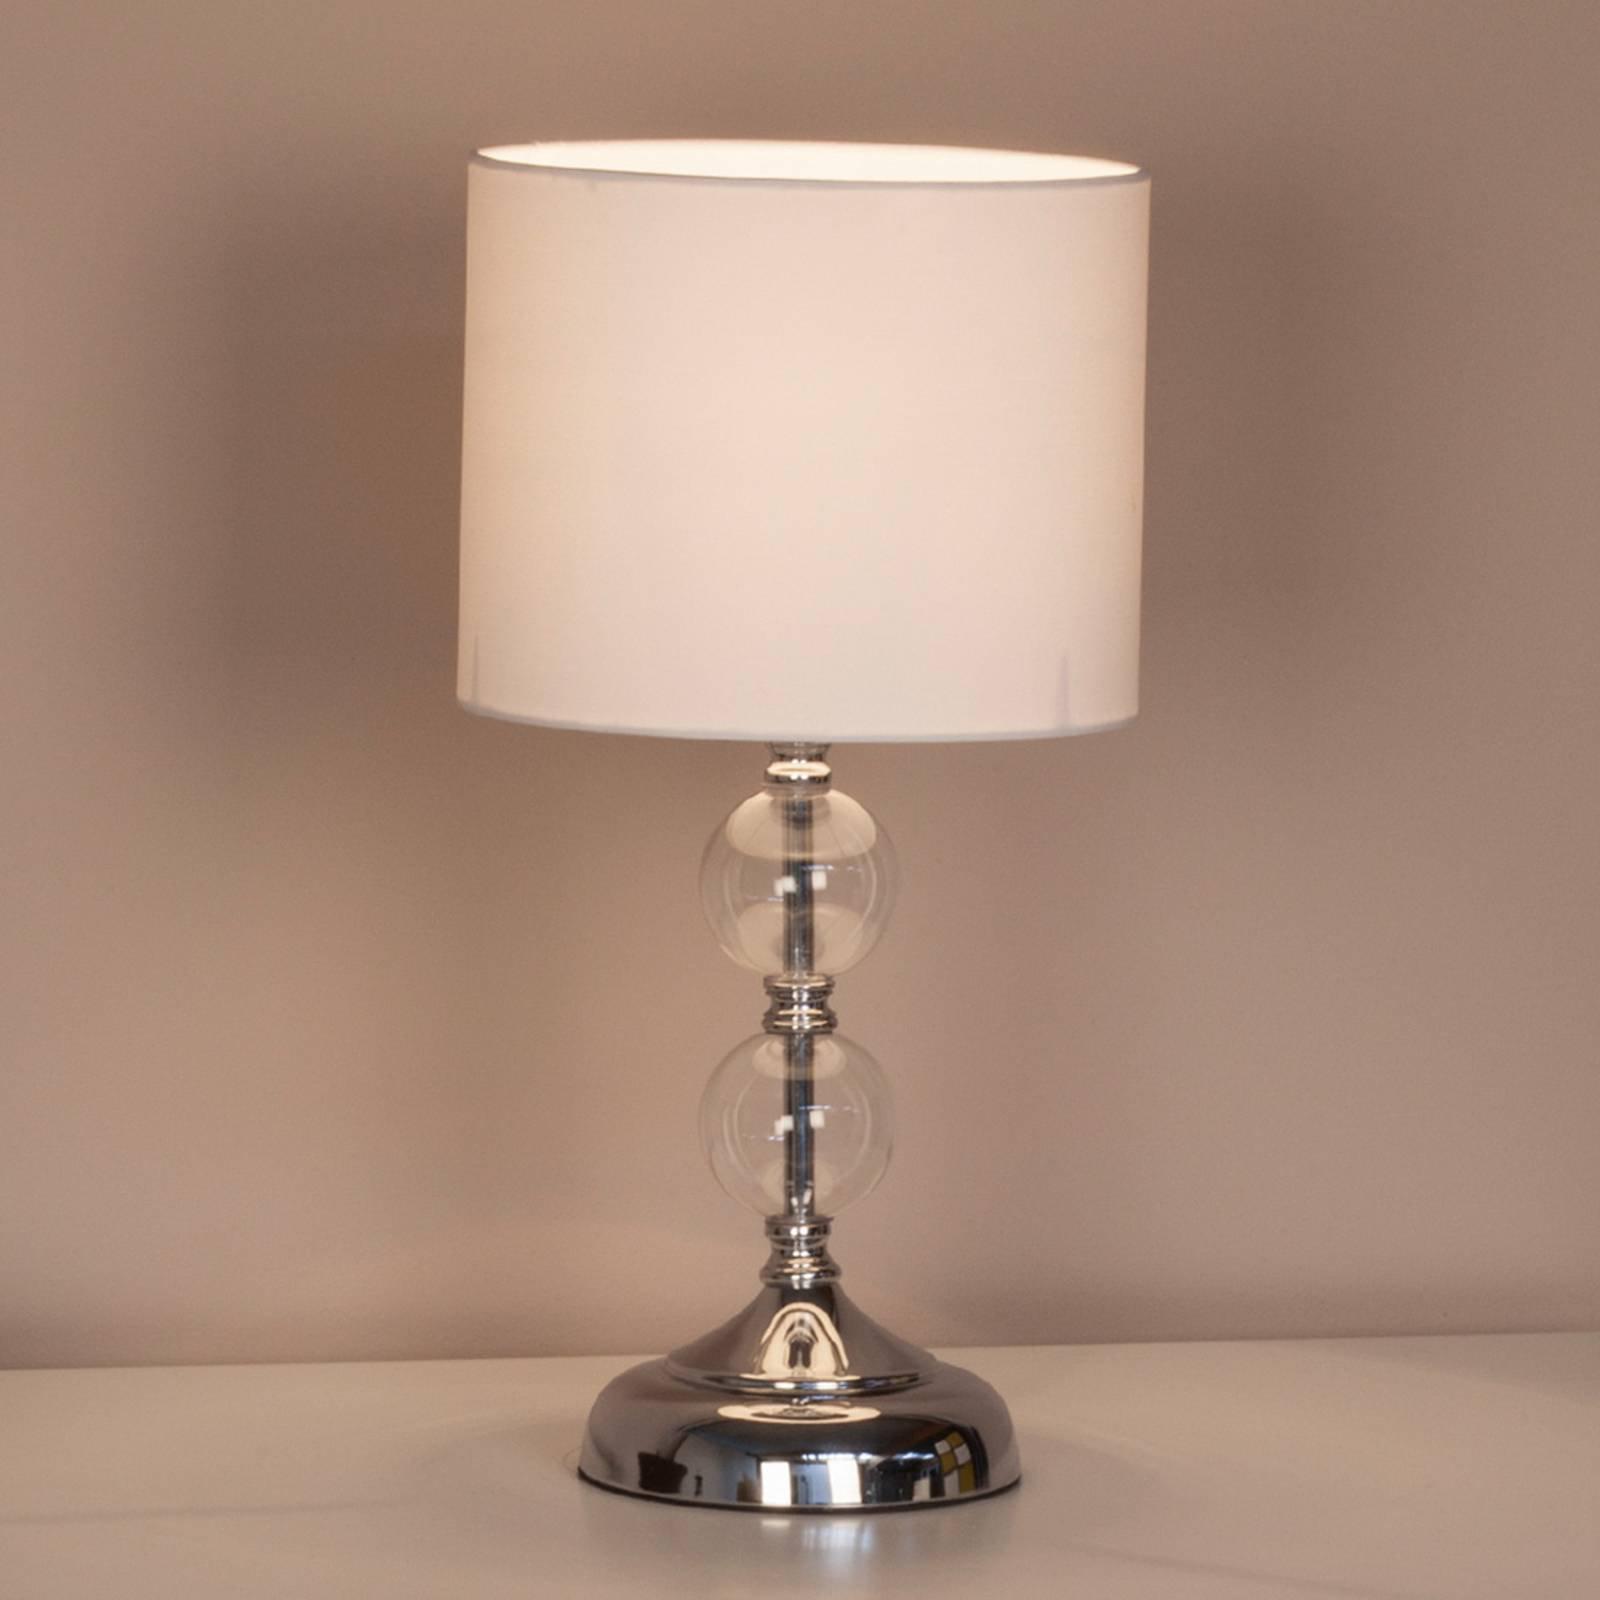 Dekorativ bordlampe Rom med tekstilskjerm